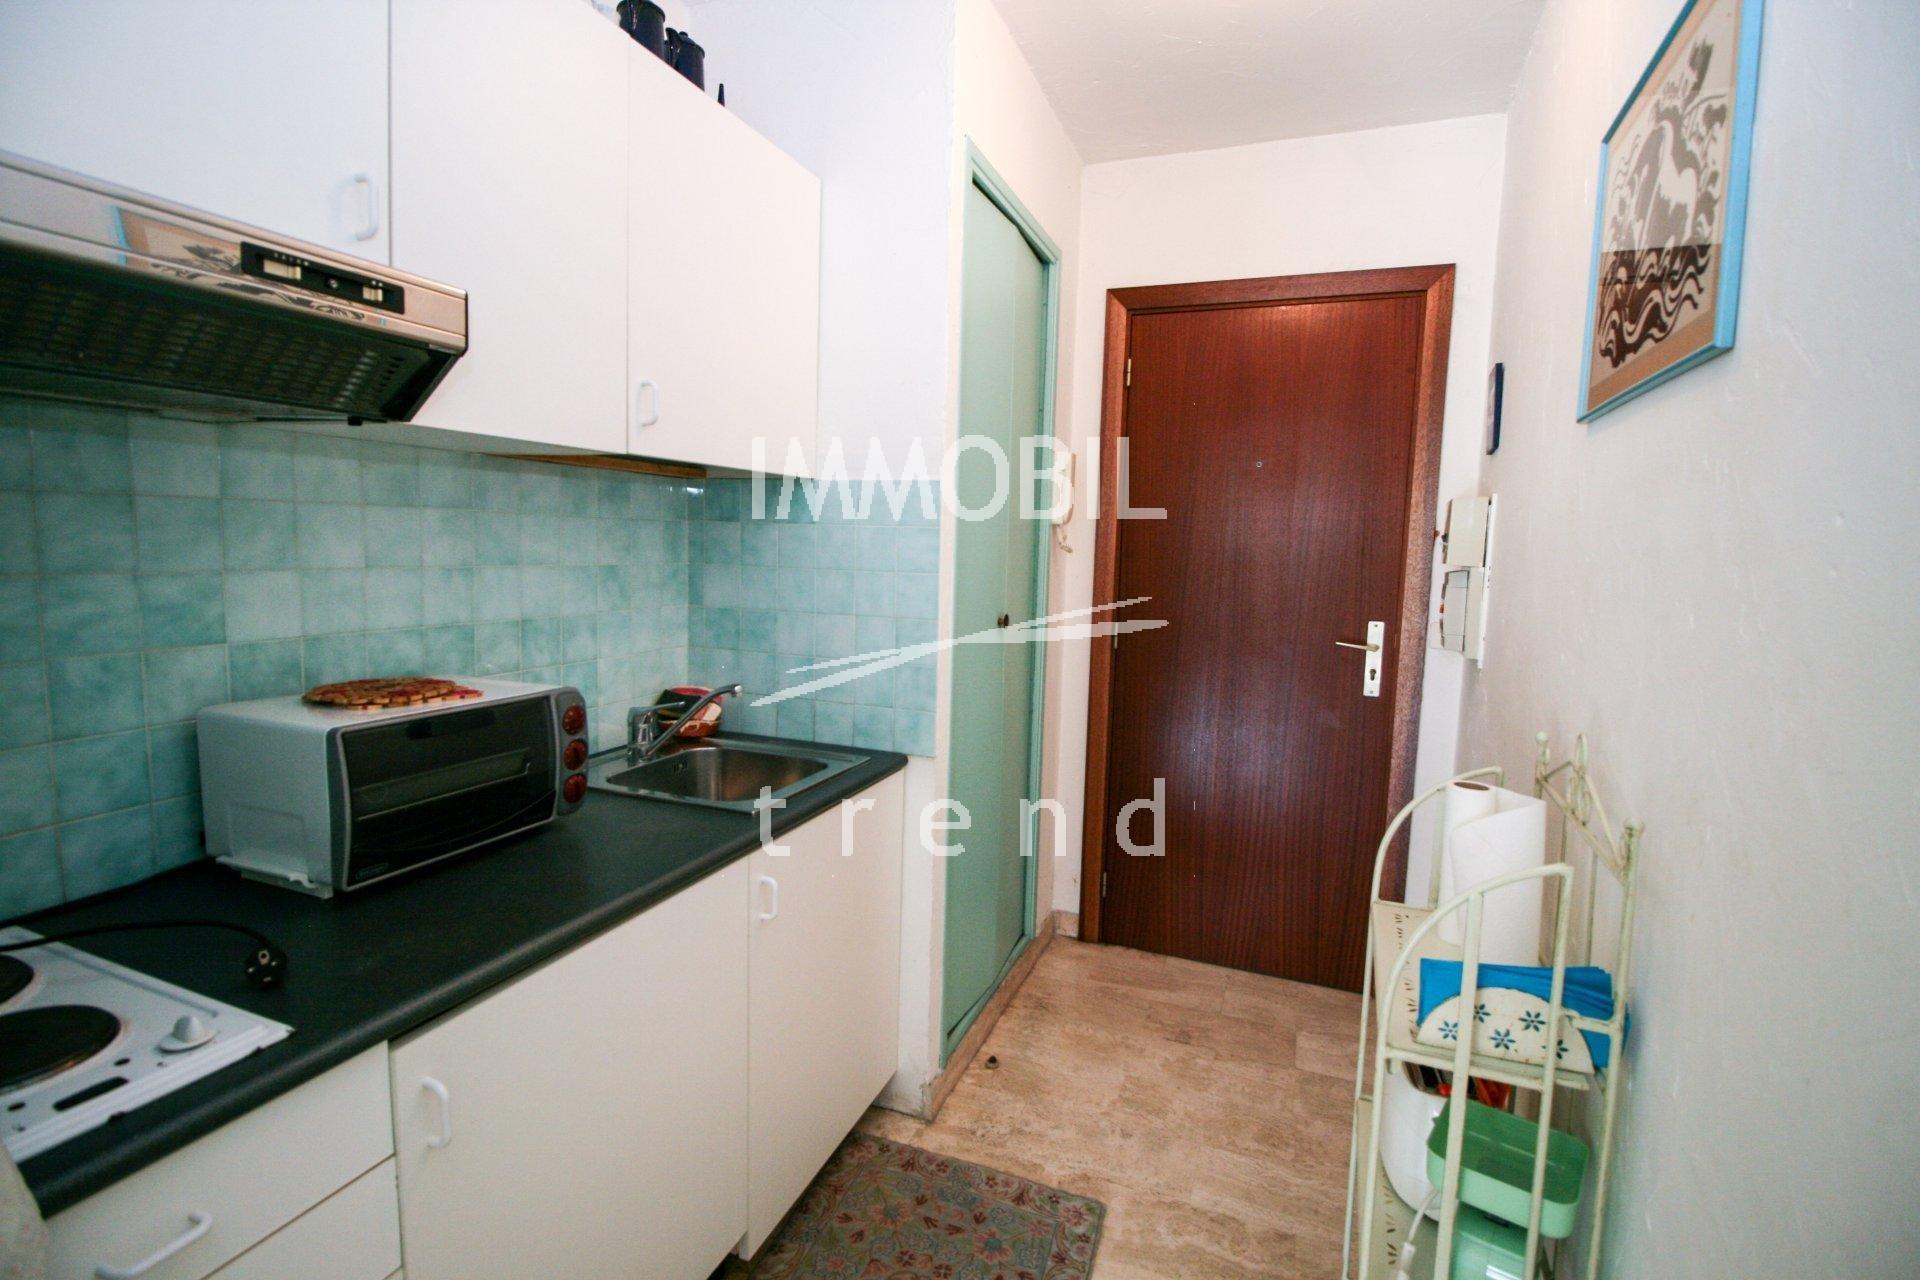 Immobilier Roquebrune Cap Martin - A vendre jolie studio avec terrasse et parking